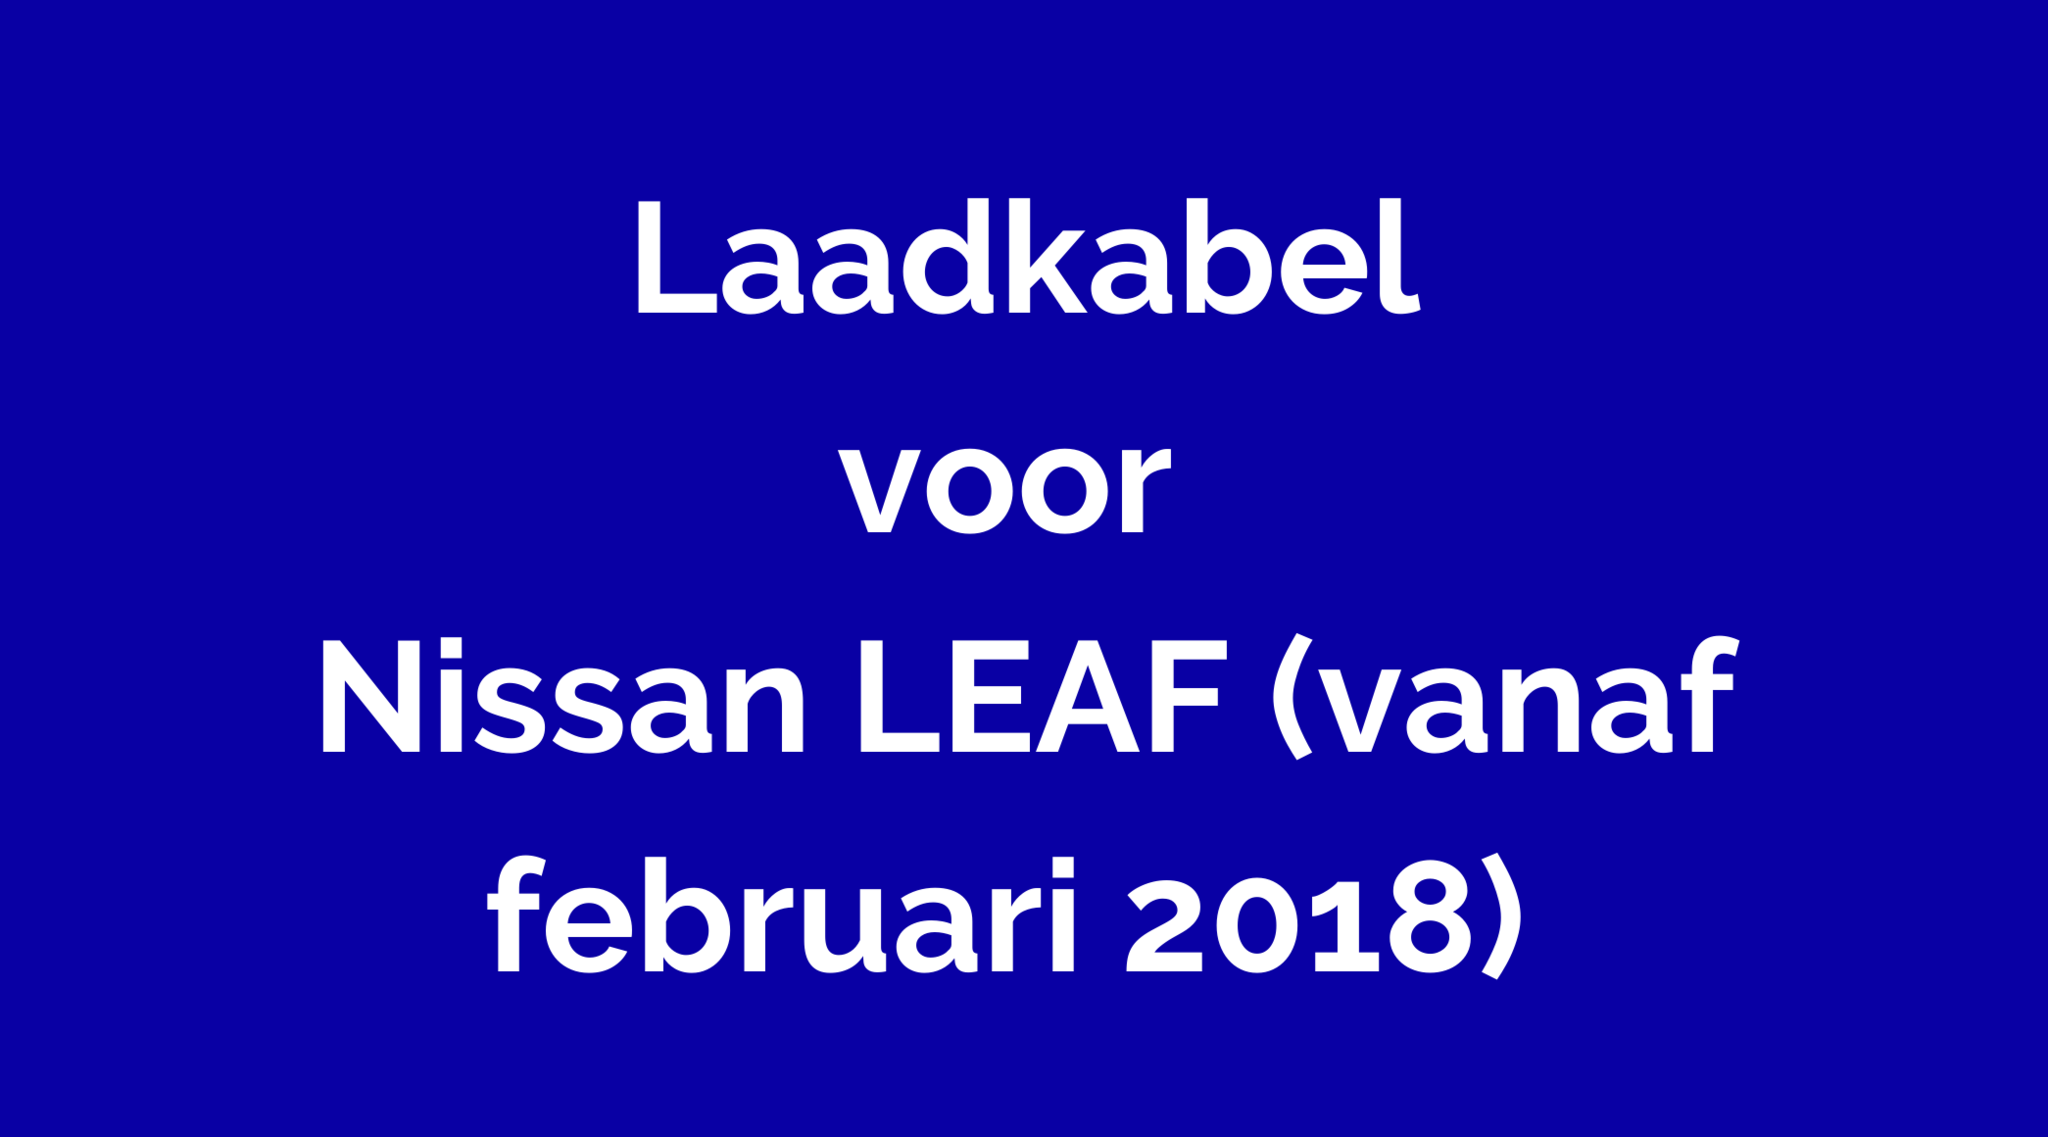 Laadkabel voor Nissan LEAF (vanaf februari 2018)